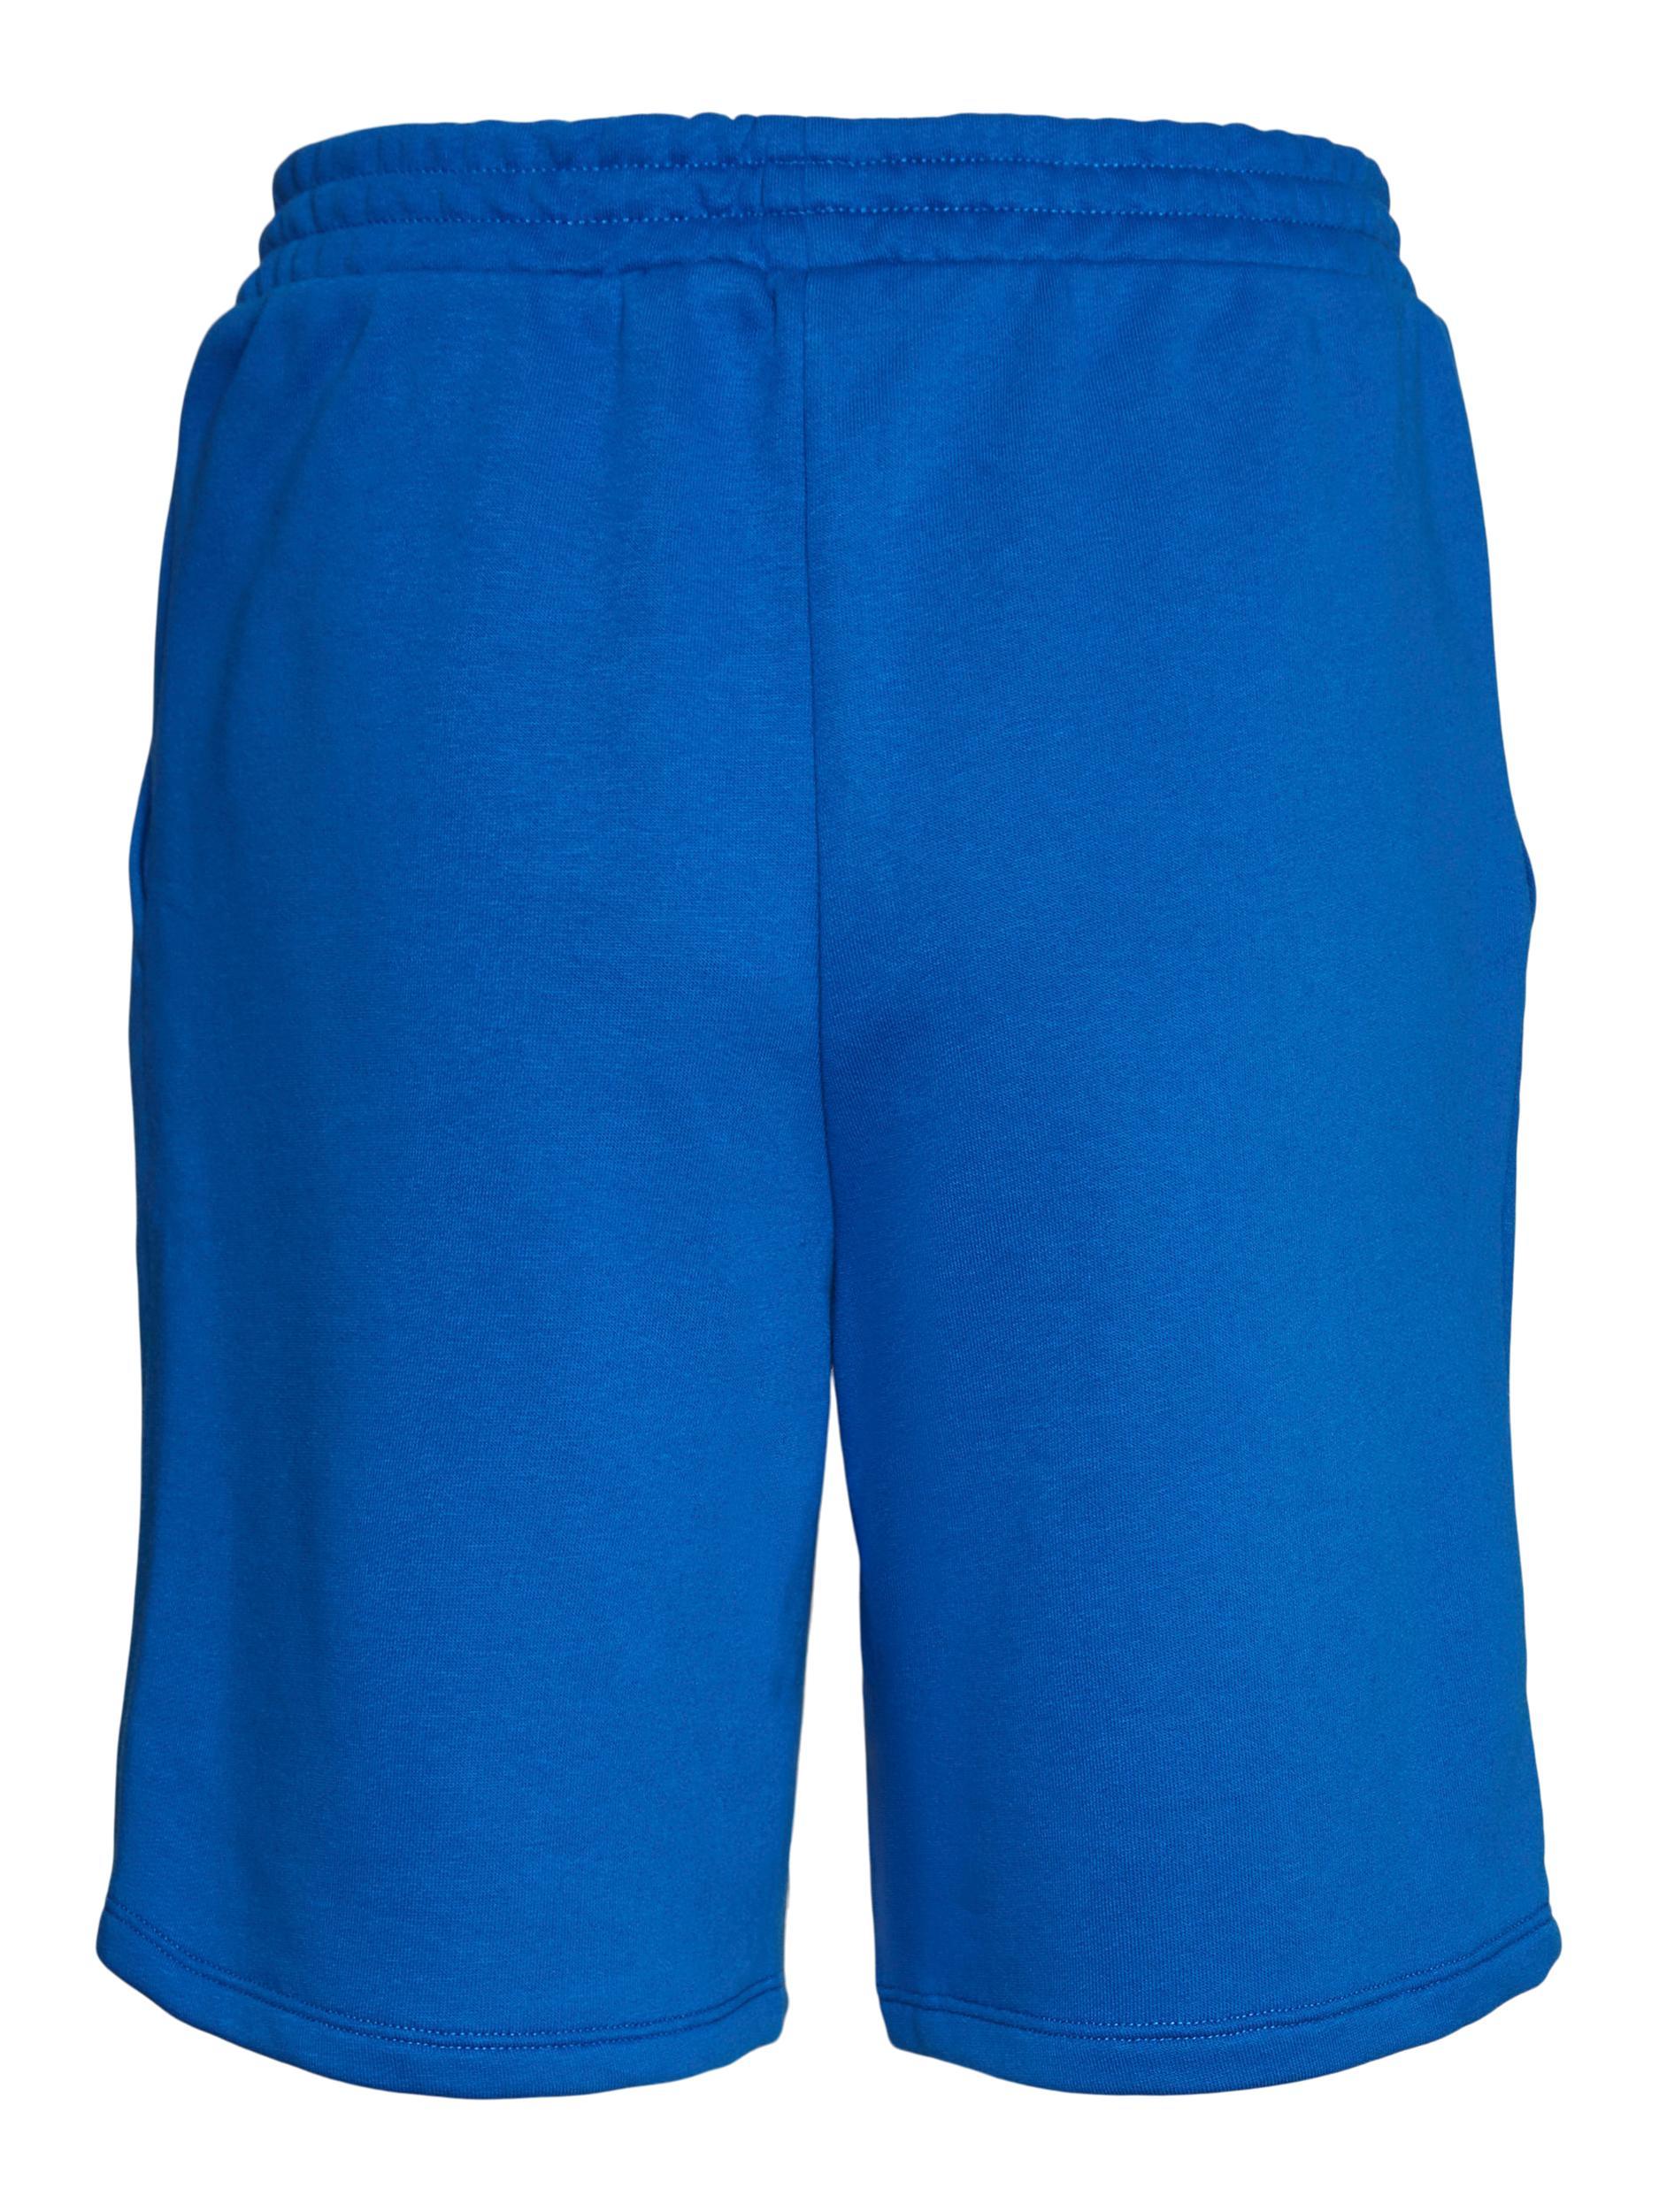 Noisy May Lupa NW shorts, princess blue, medium